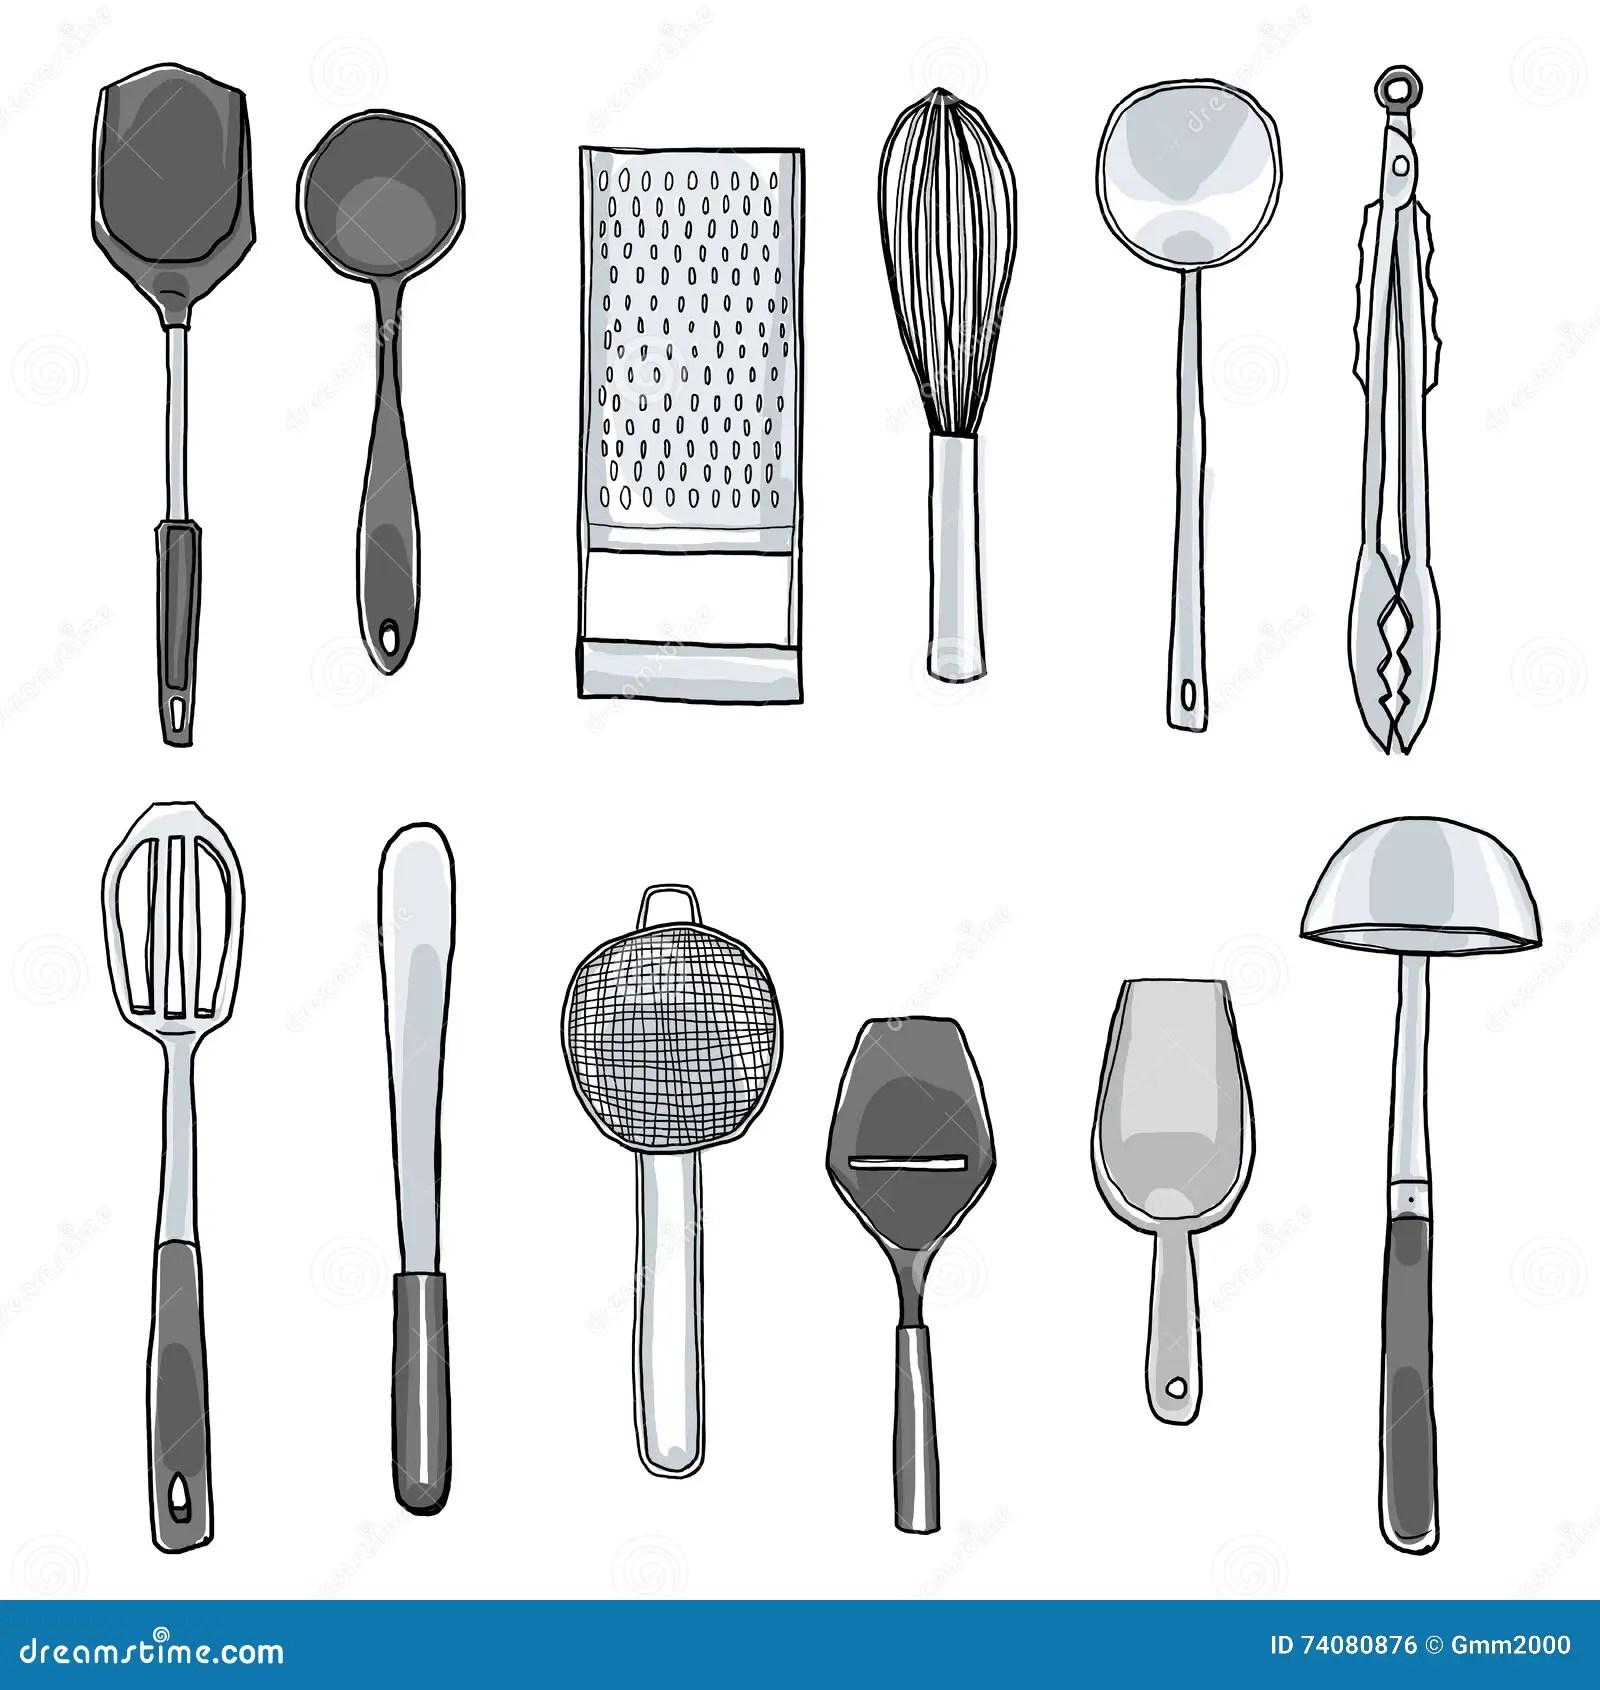 cute kitchen gadgets modular usa hand drawn utensils cartoon vector cartoondealer